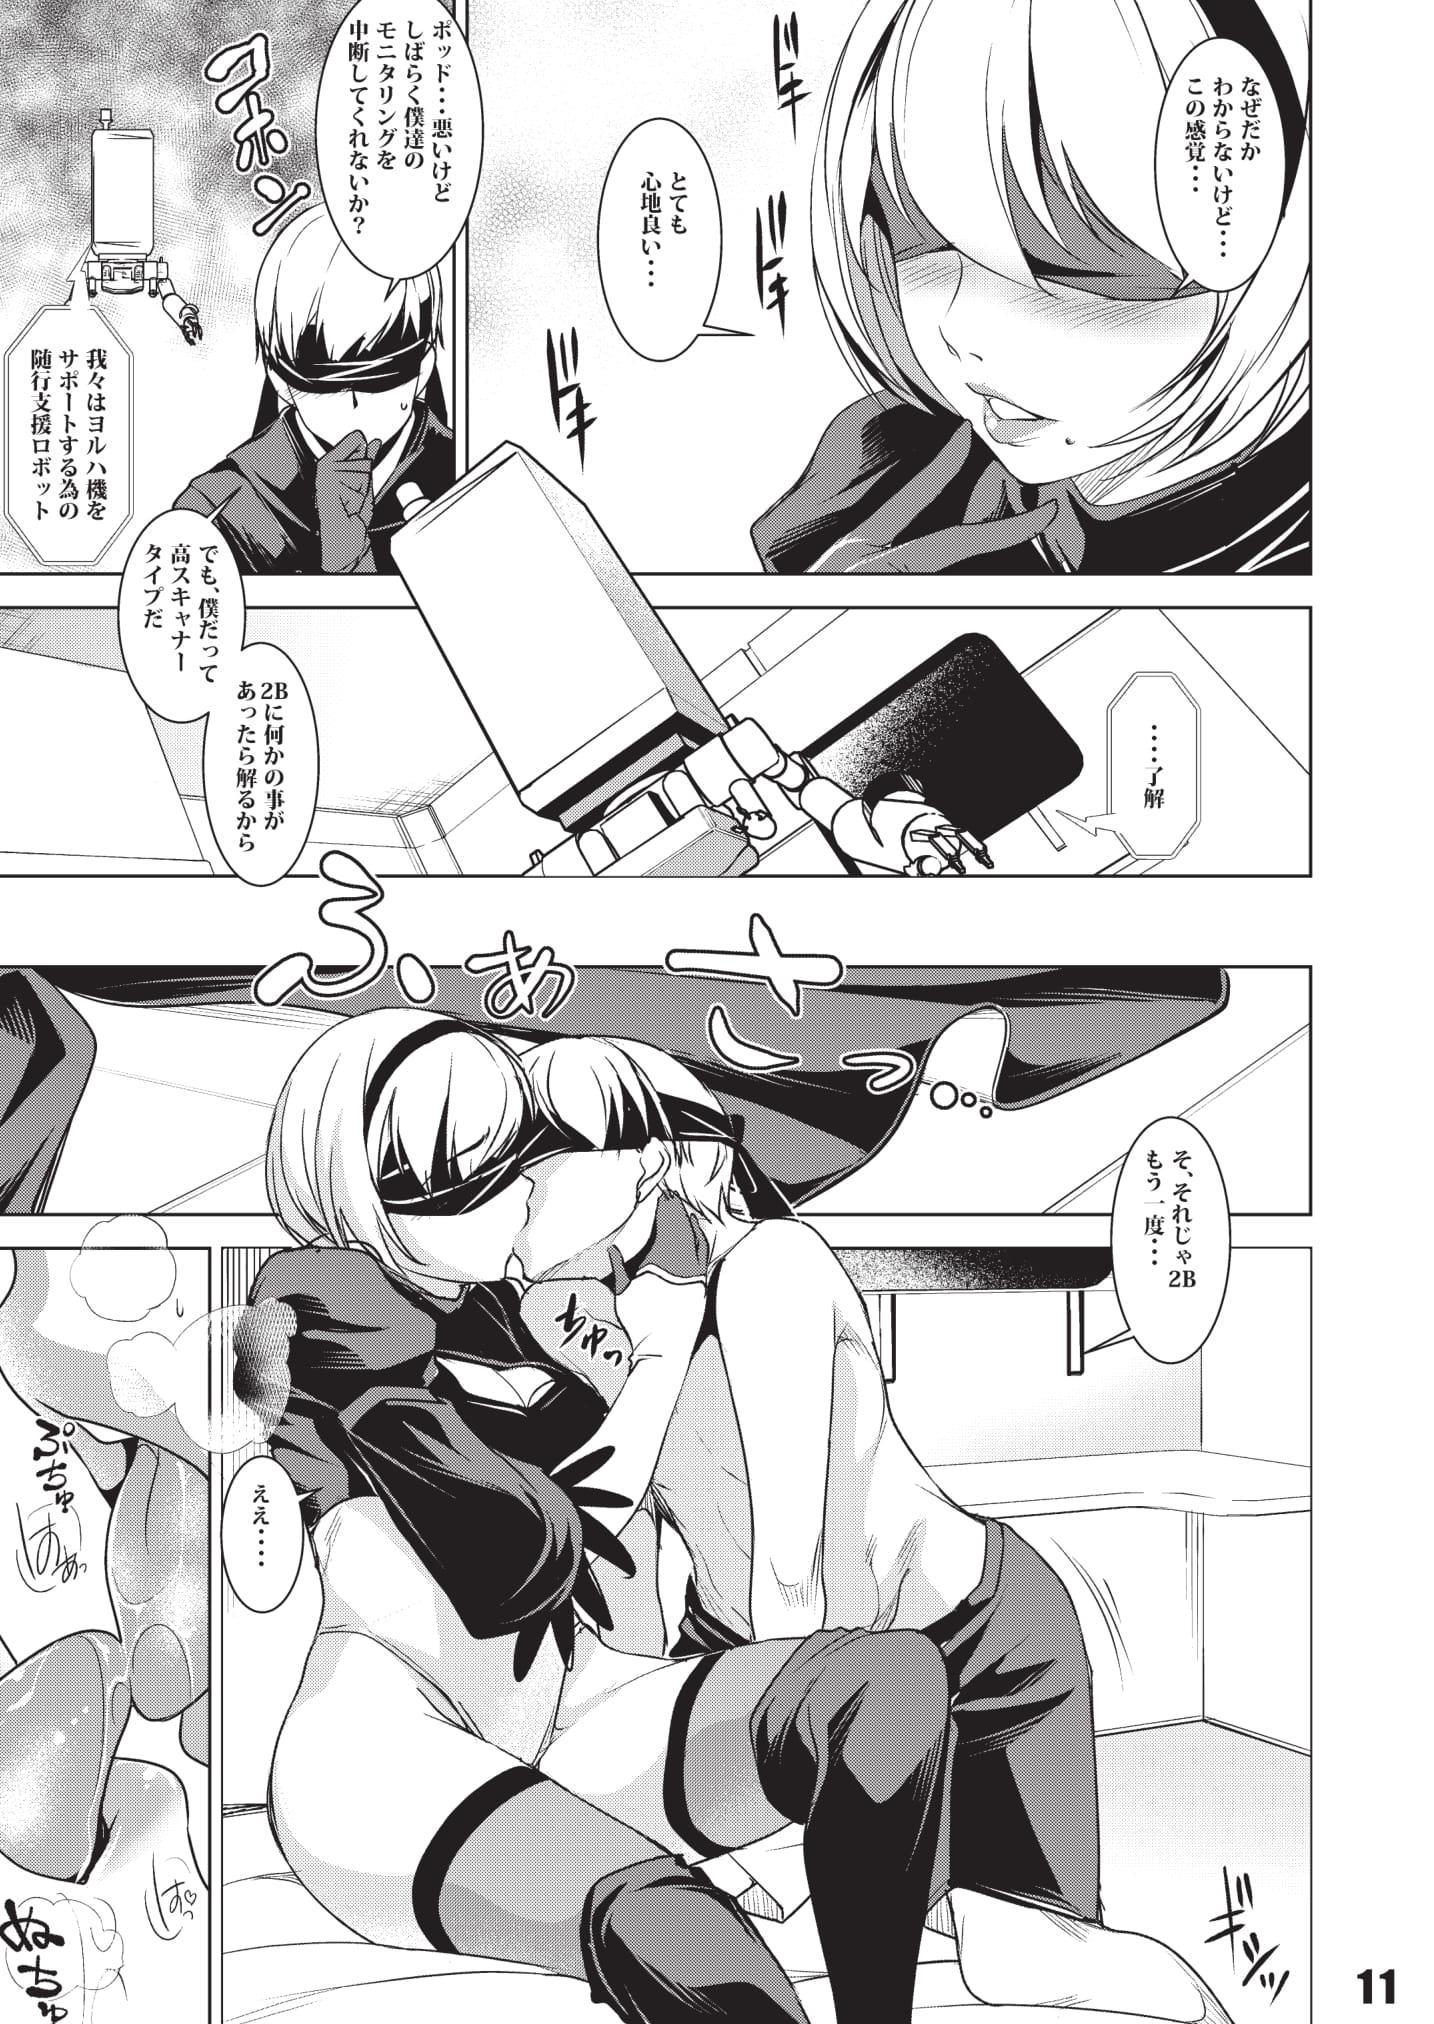 【エロ同人誌 ニーアオートマタ】初めてアダルトビデオをみて人類の性行為に興味をもった巨乳お姉さんの2B。【灰色工房 エロ漫画】 (10)